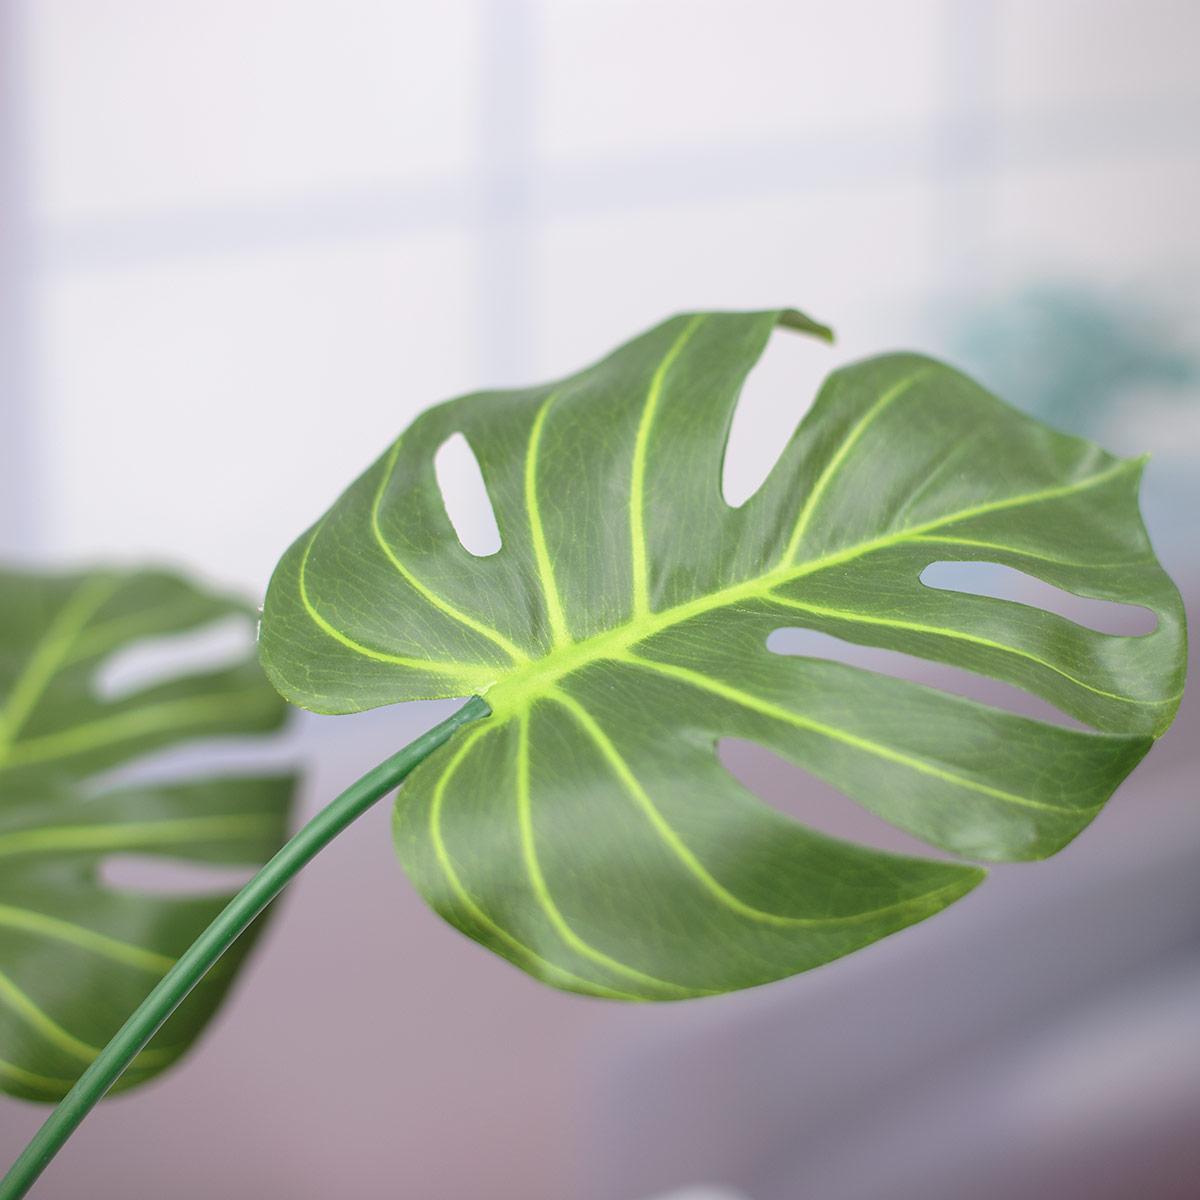 잎사귀와 디테일 이미지